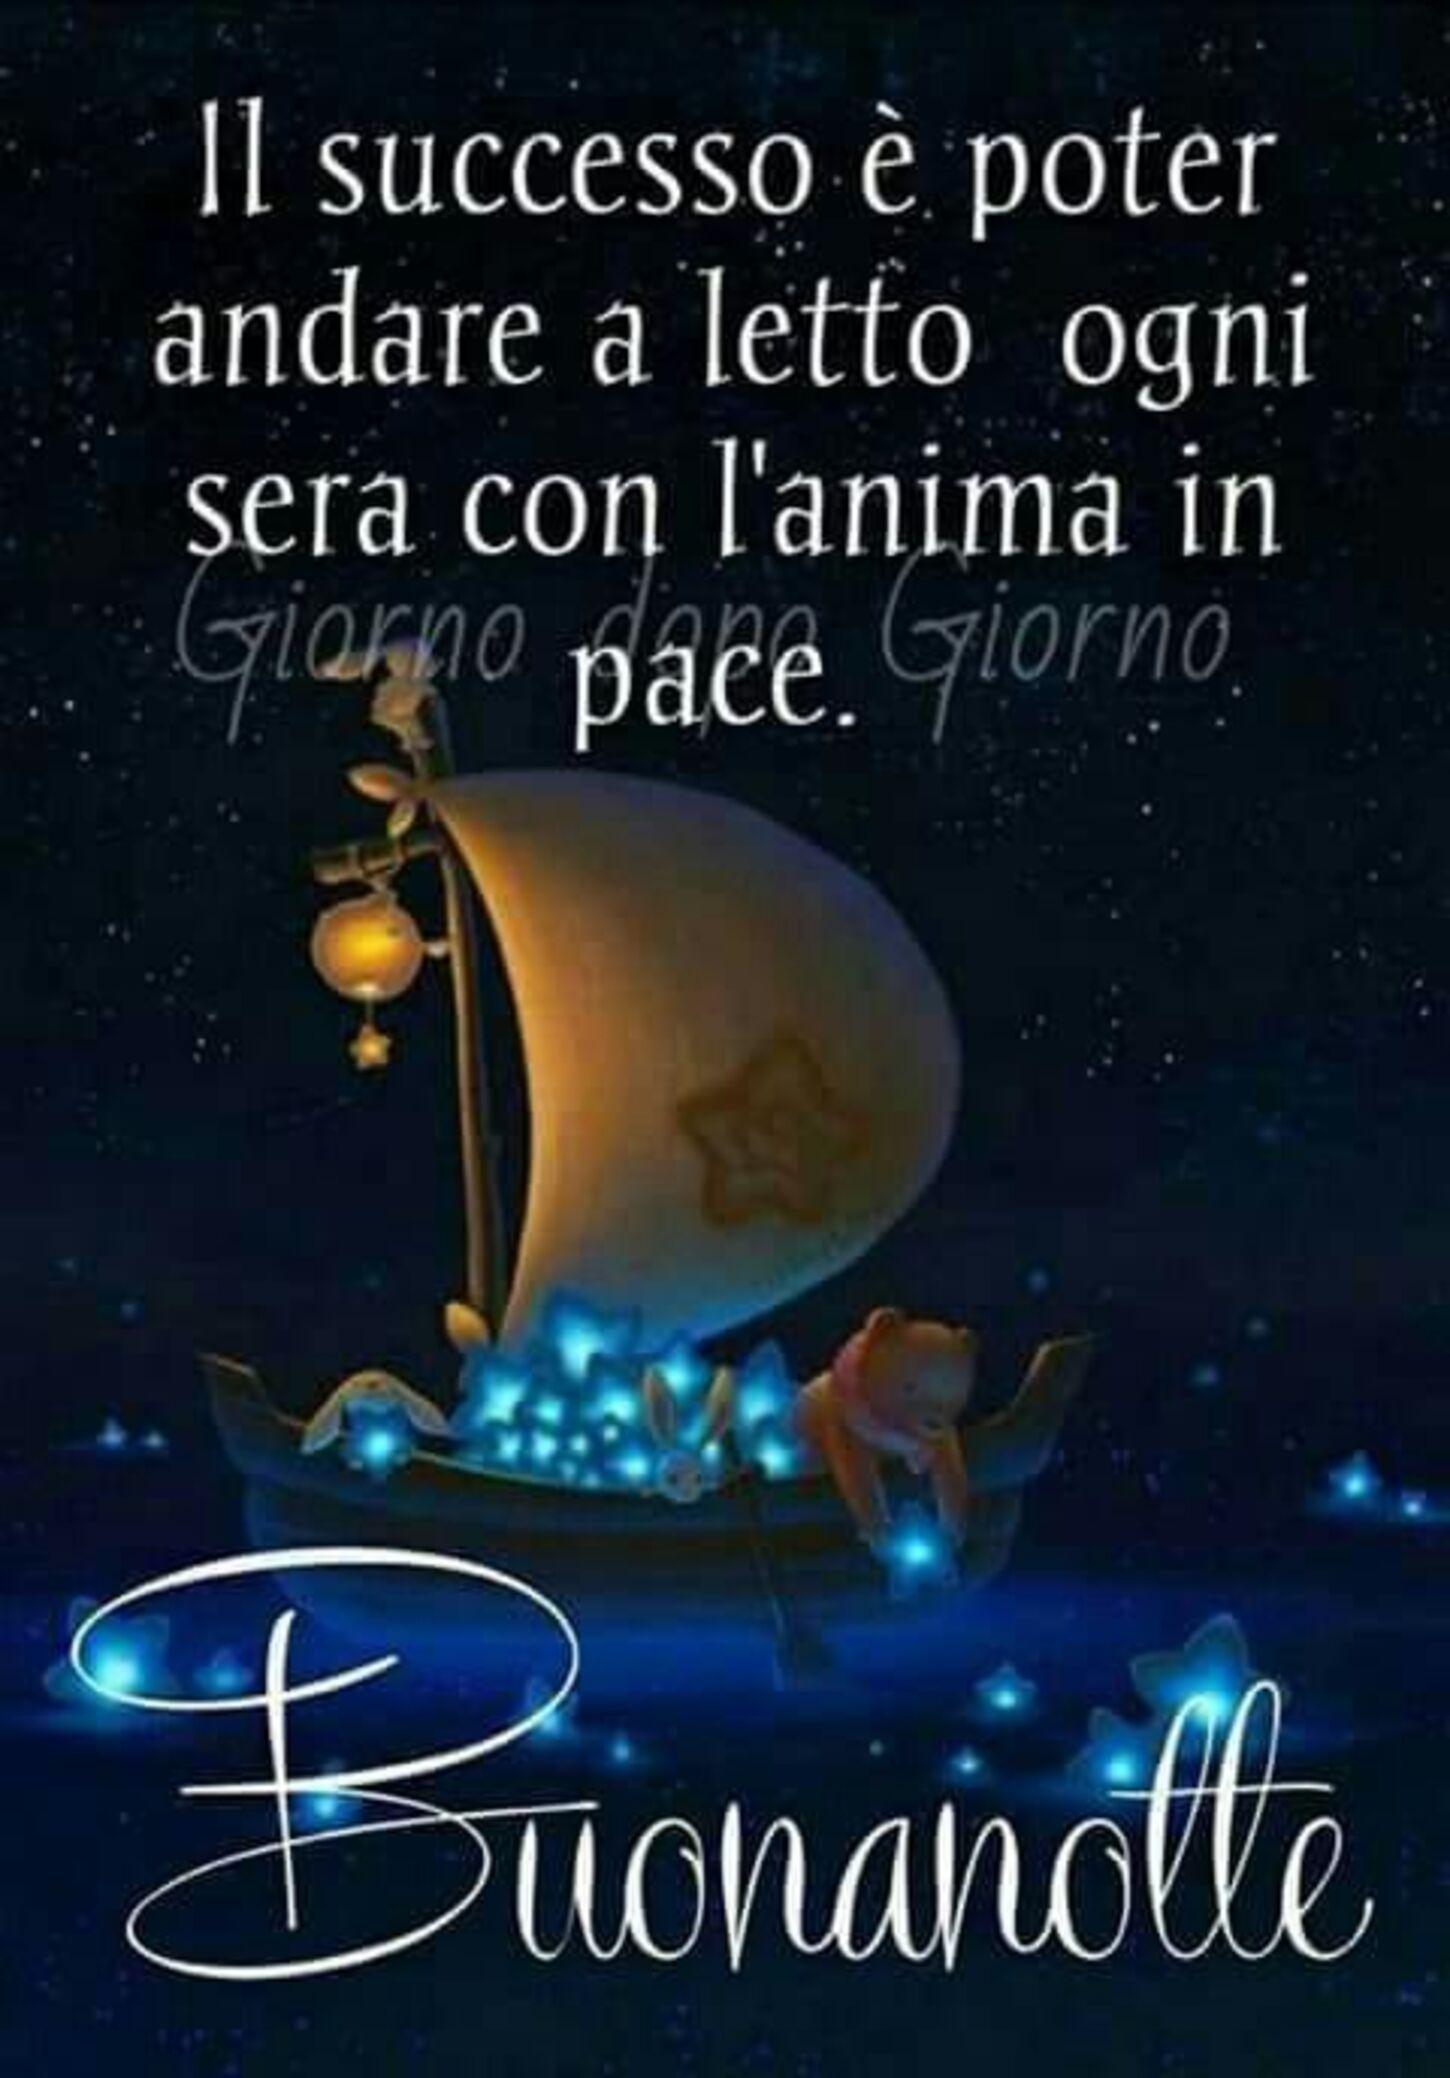 Il successo è poter andare a letto ogni sera con l'anima in pace Buonanotte